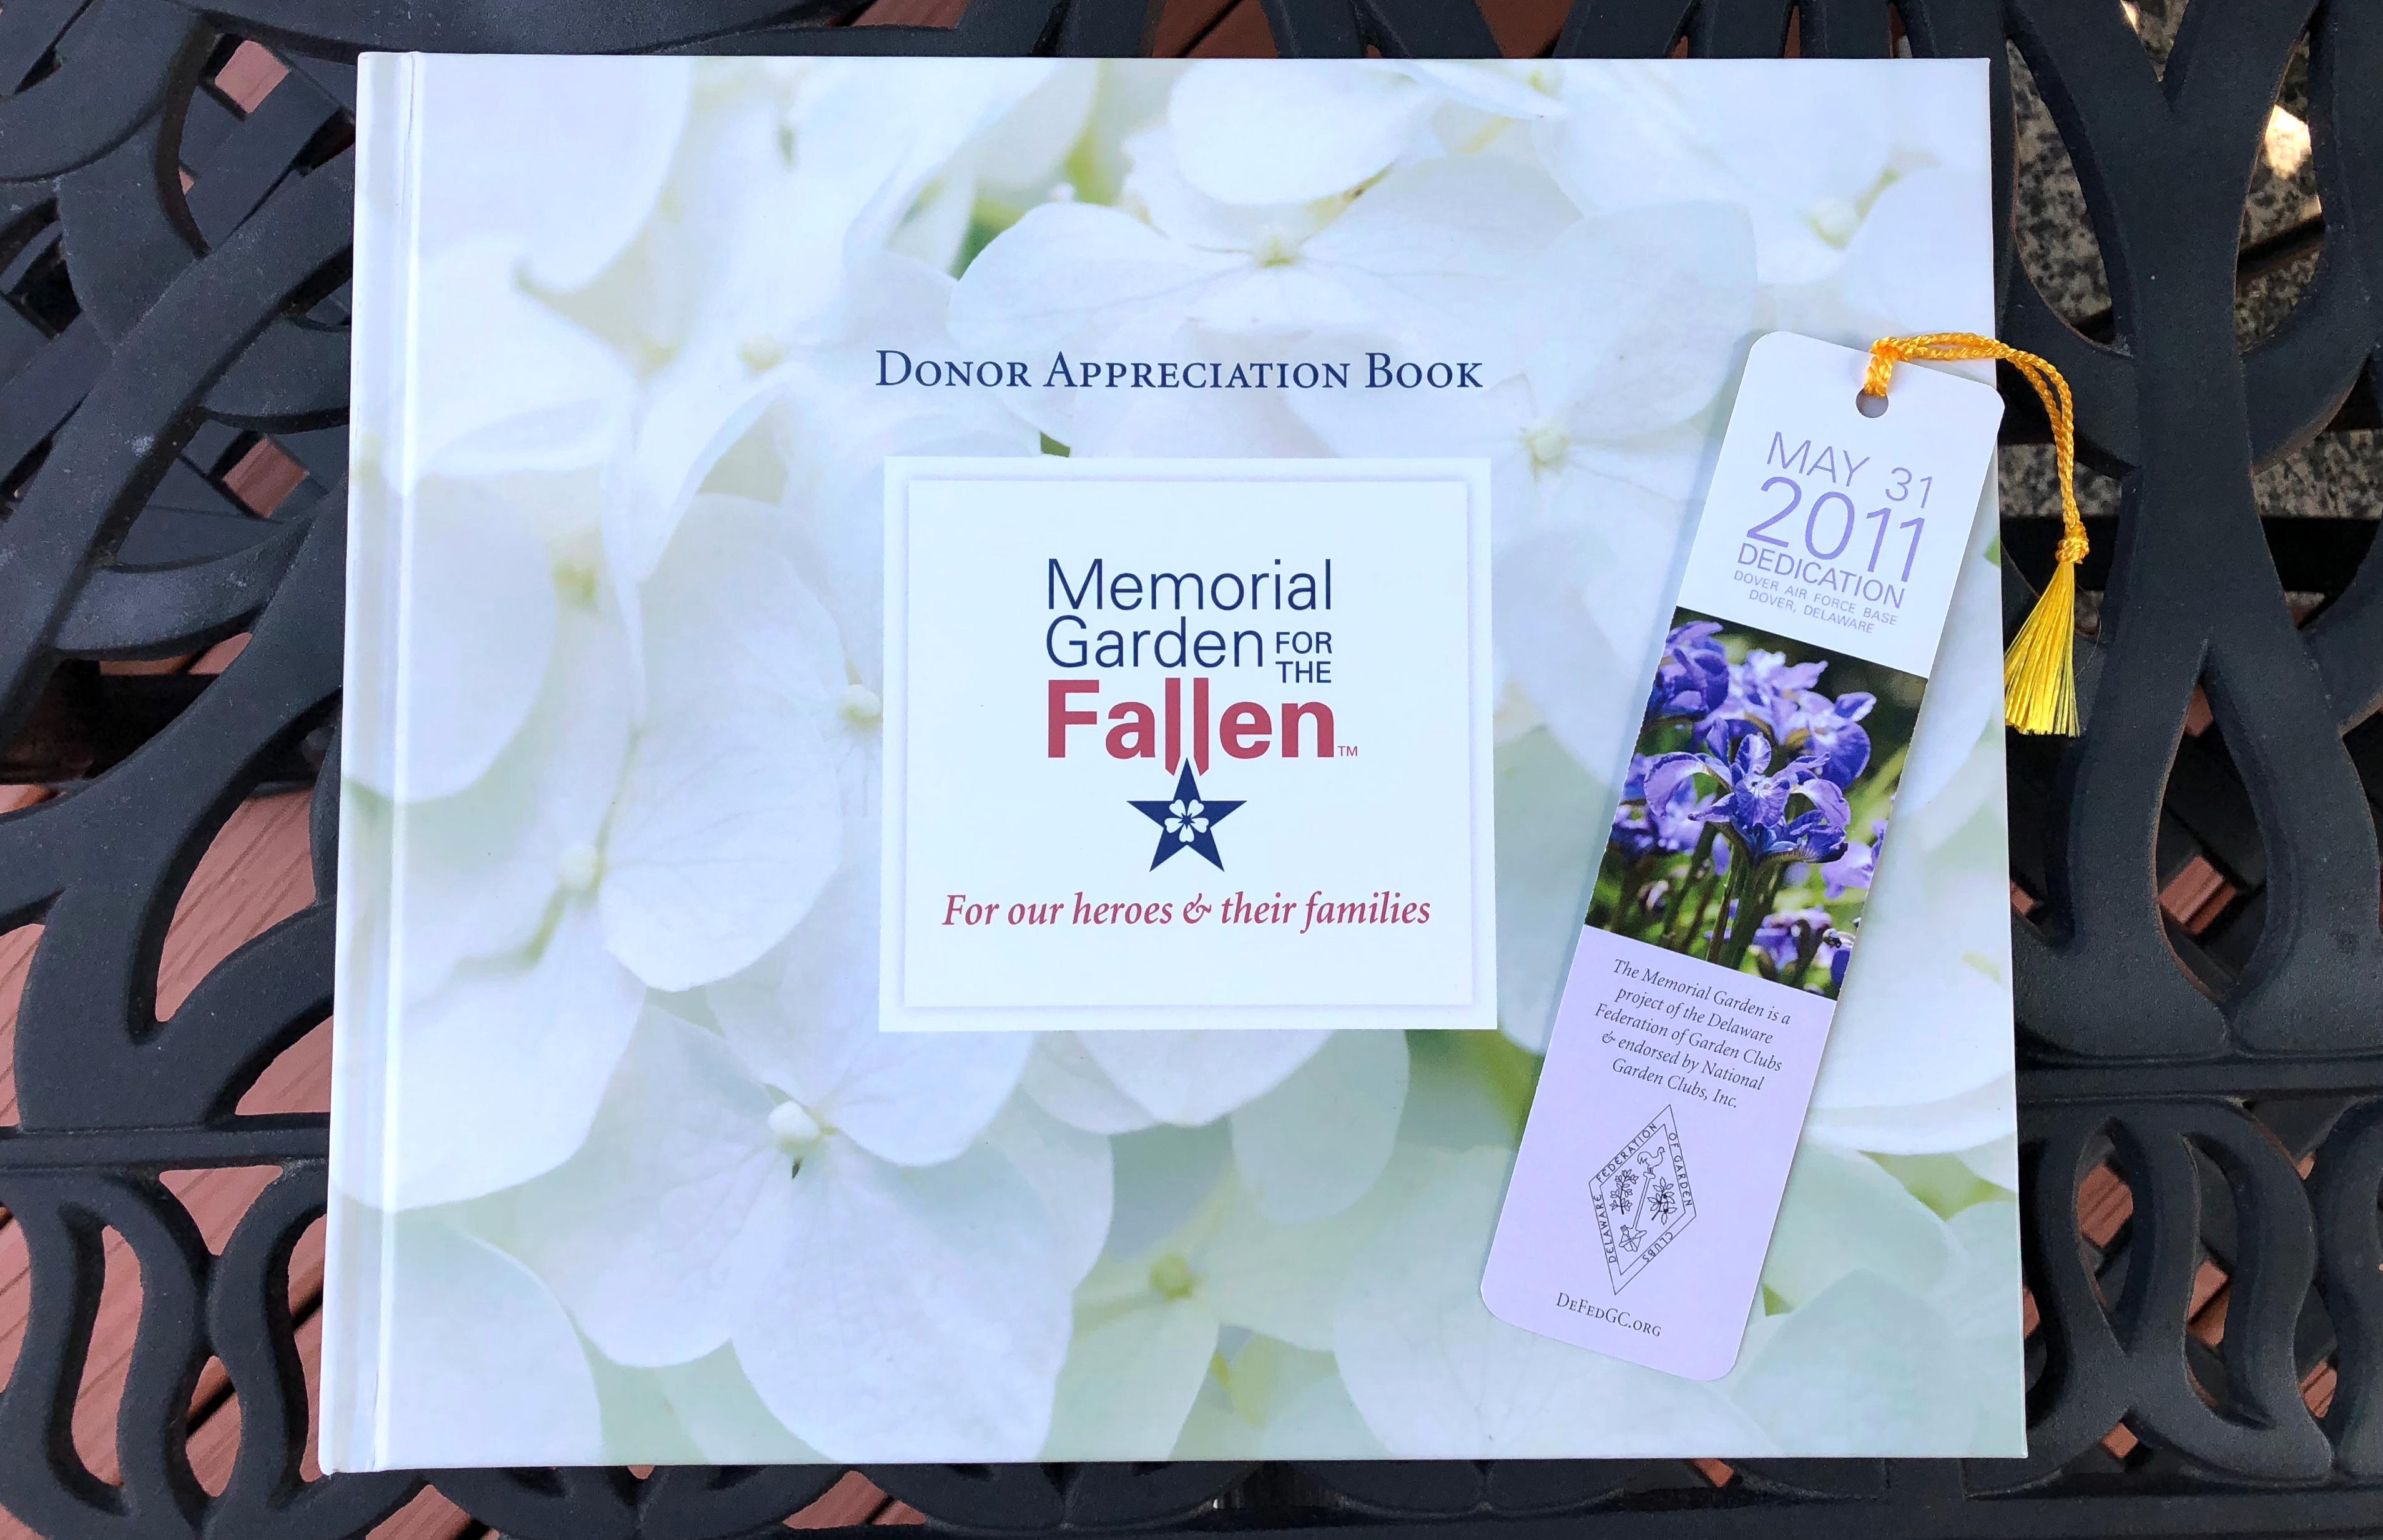 Memorial Garden for the Fallen book